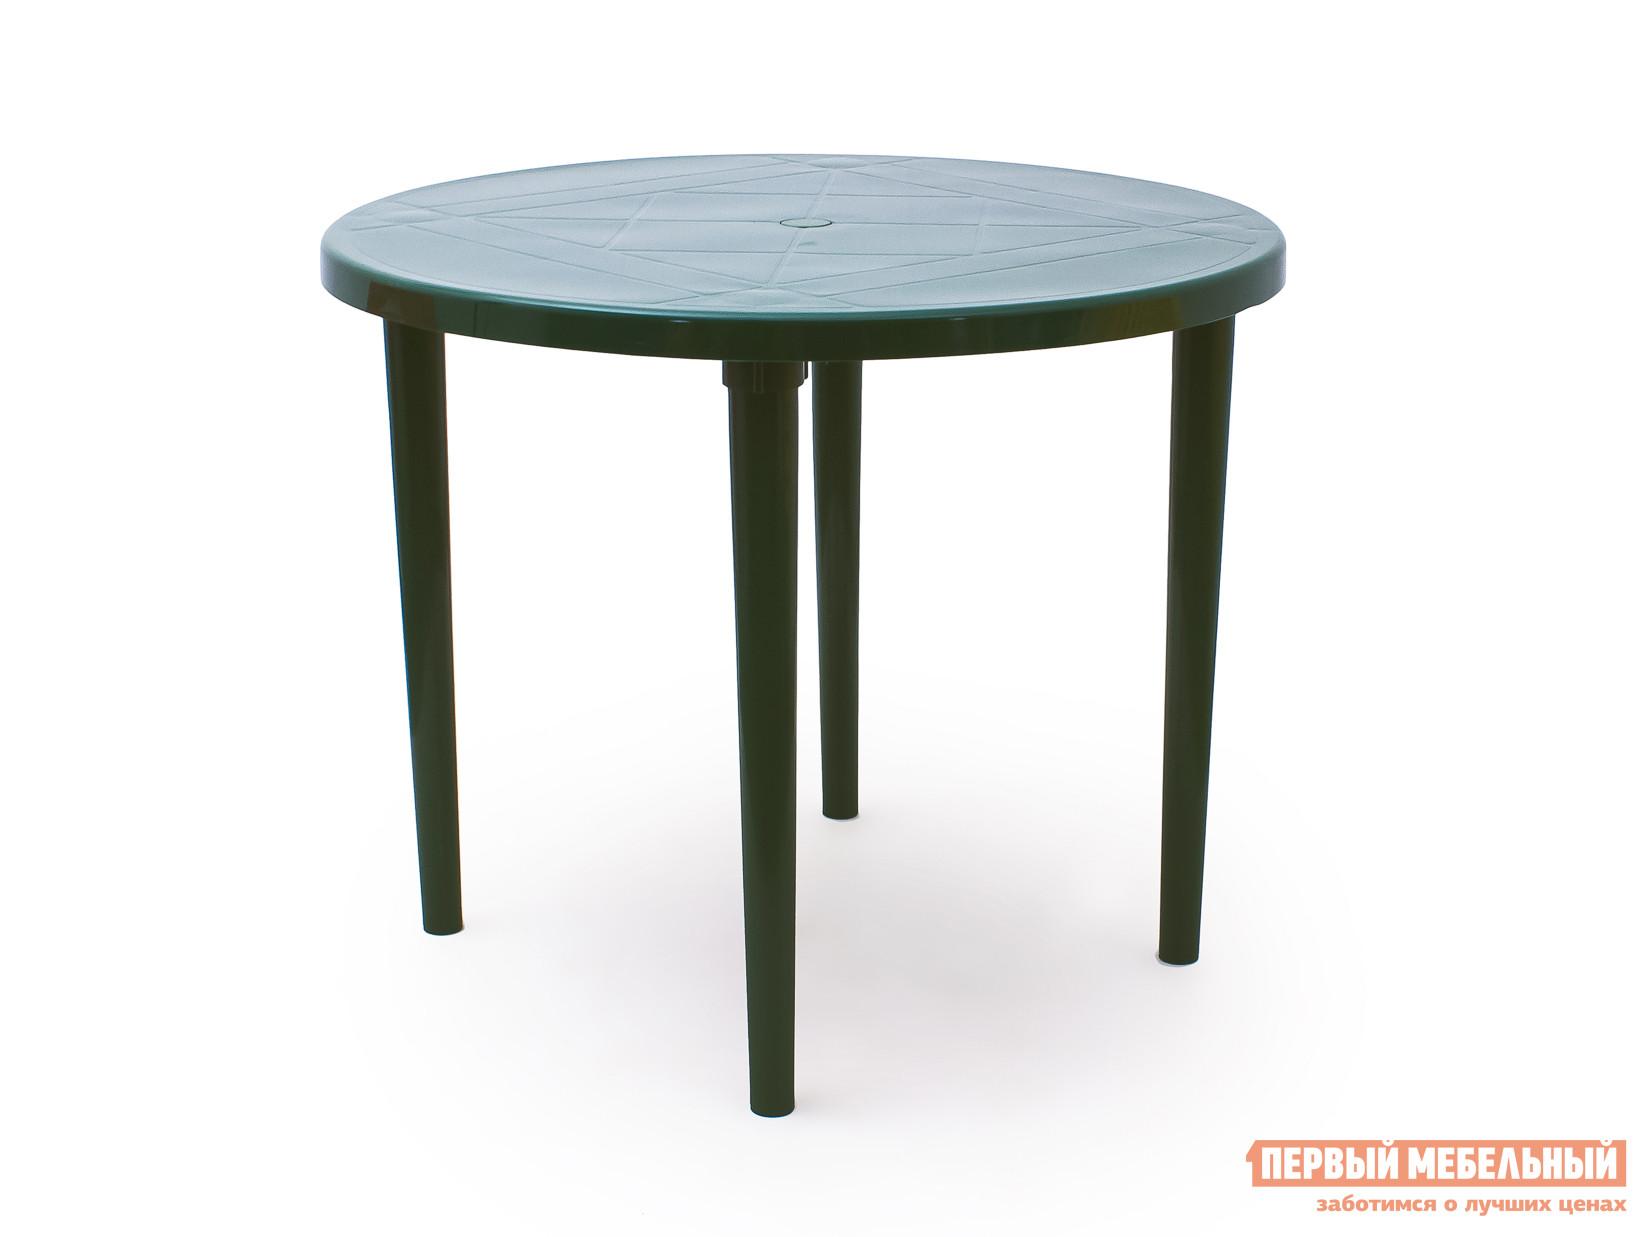 Пластиковый стол Стандарт Пластик Стол круглый, д. 900 мм Темно-зеленыйПластиковые столы<br>Габаритные размеры ВхШхГ 710x900x900 мм. Пластиковый круглый стол д.  900 мм Рикул совершенно незаменим на даче или в летнем кафе.  Ведь пластик является наиболее практичным материалом для использования на свежем воздухе.  Он легкий, прочный, не боится воды и грязи, температурных перепадов. Широкая круглая столешница создаст удобные условия для обеда всей семьей на террасе или в саду.  В центре есть отверстие для зонта, с которым ваше пребывание даже в солнечный полдень станет комфортным.<br><br>Цвет: Зеленый<br>Высота мм: 710<br>Ширина мм: 900<br>Глубина мм: 900<br>Кол-во упаковок: 1<br>Форма поставки: В разобранном виде<br>Срок гарантии: 1 год<br>Форма: Круглые<br>Размер: Большие